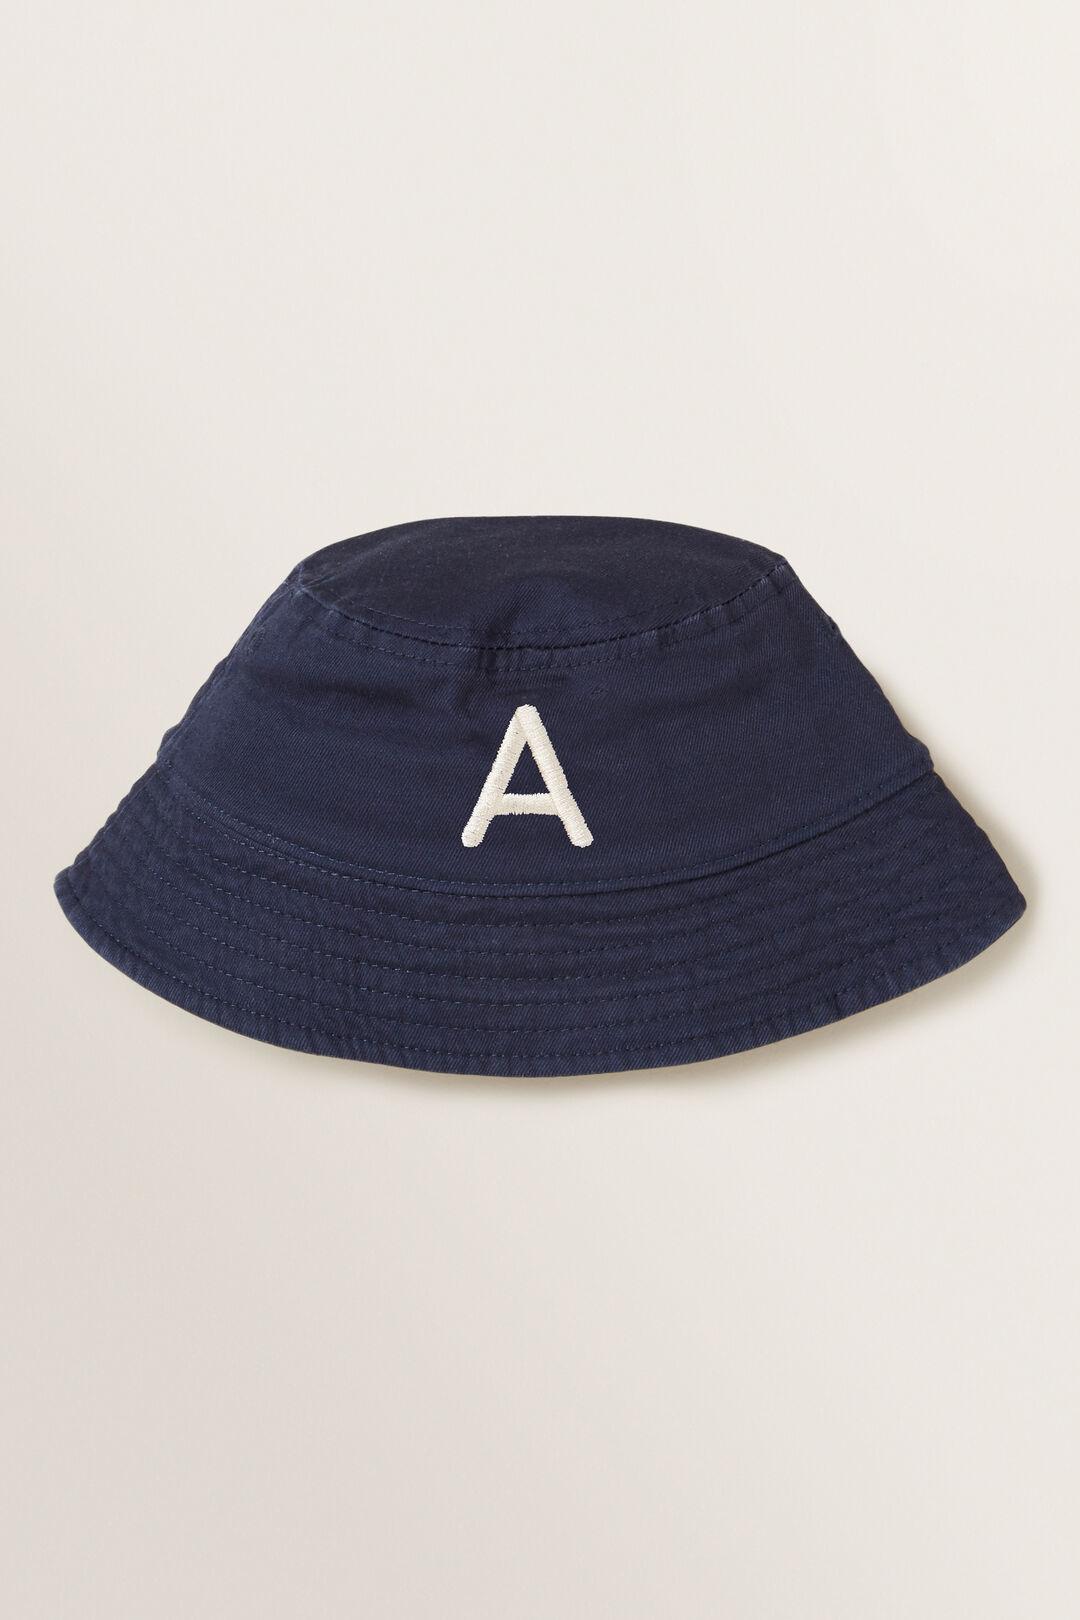 Initial Bucket Hat  A  hi-res